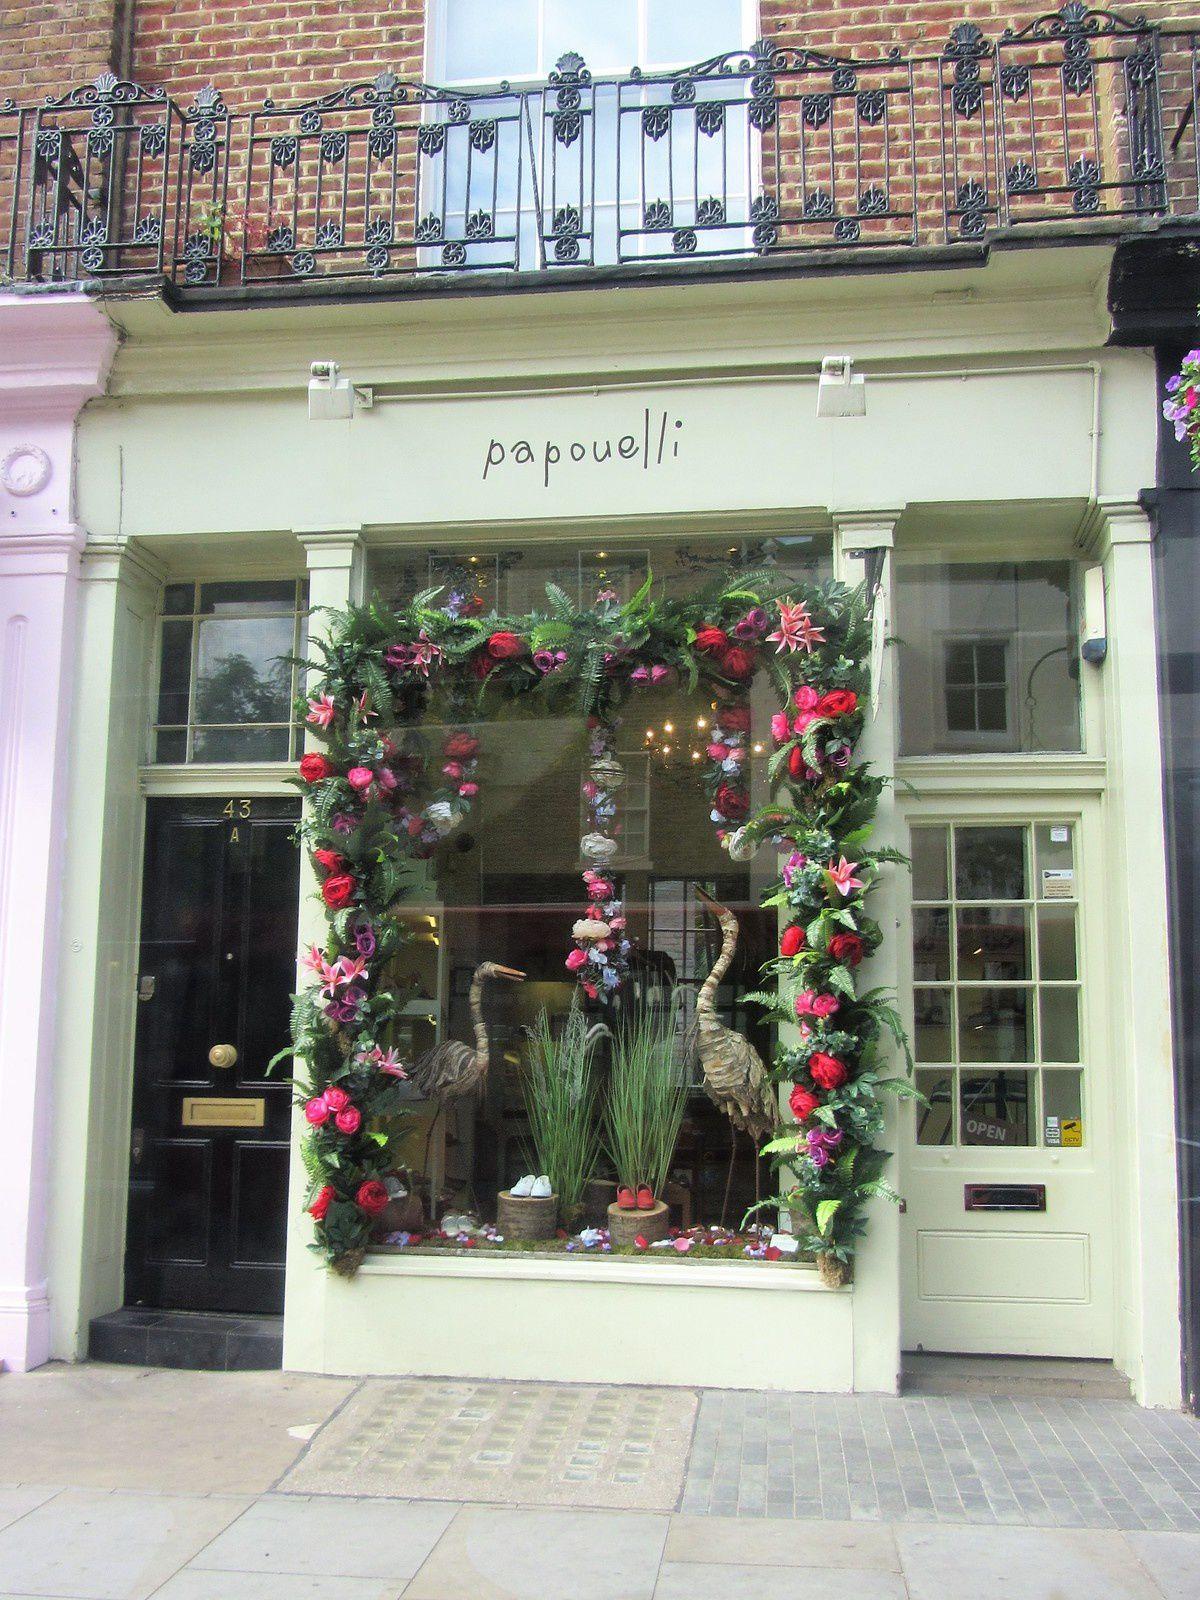 Elles décorent avec luxuriance les vitrines des magasins...